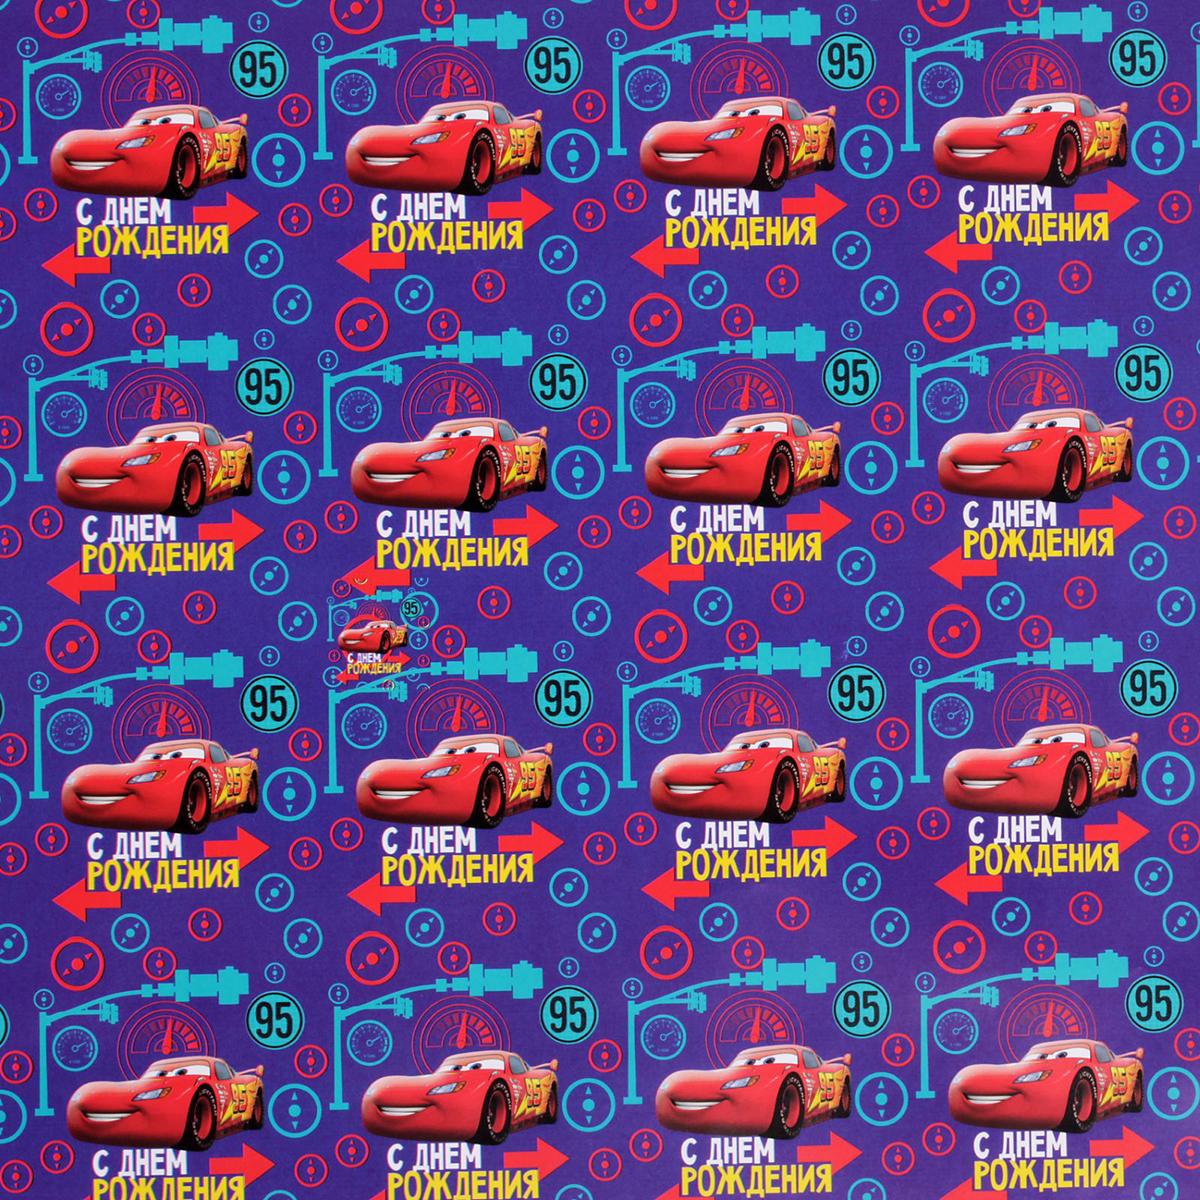 Бумага упаковочная Disney С Днем Рождения. Тачки, глянцевая, 70 х 100 см. 2390652 бумага упаковочная disney с днем рождения самая милая минни маус глянцевая 70 х 100 см 2390649